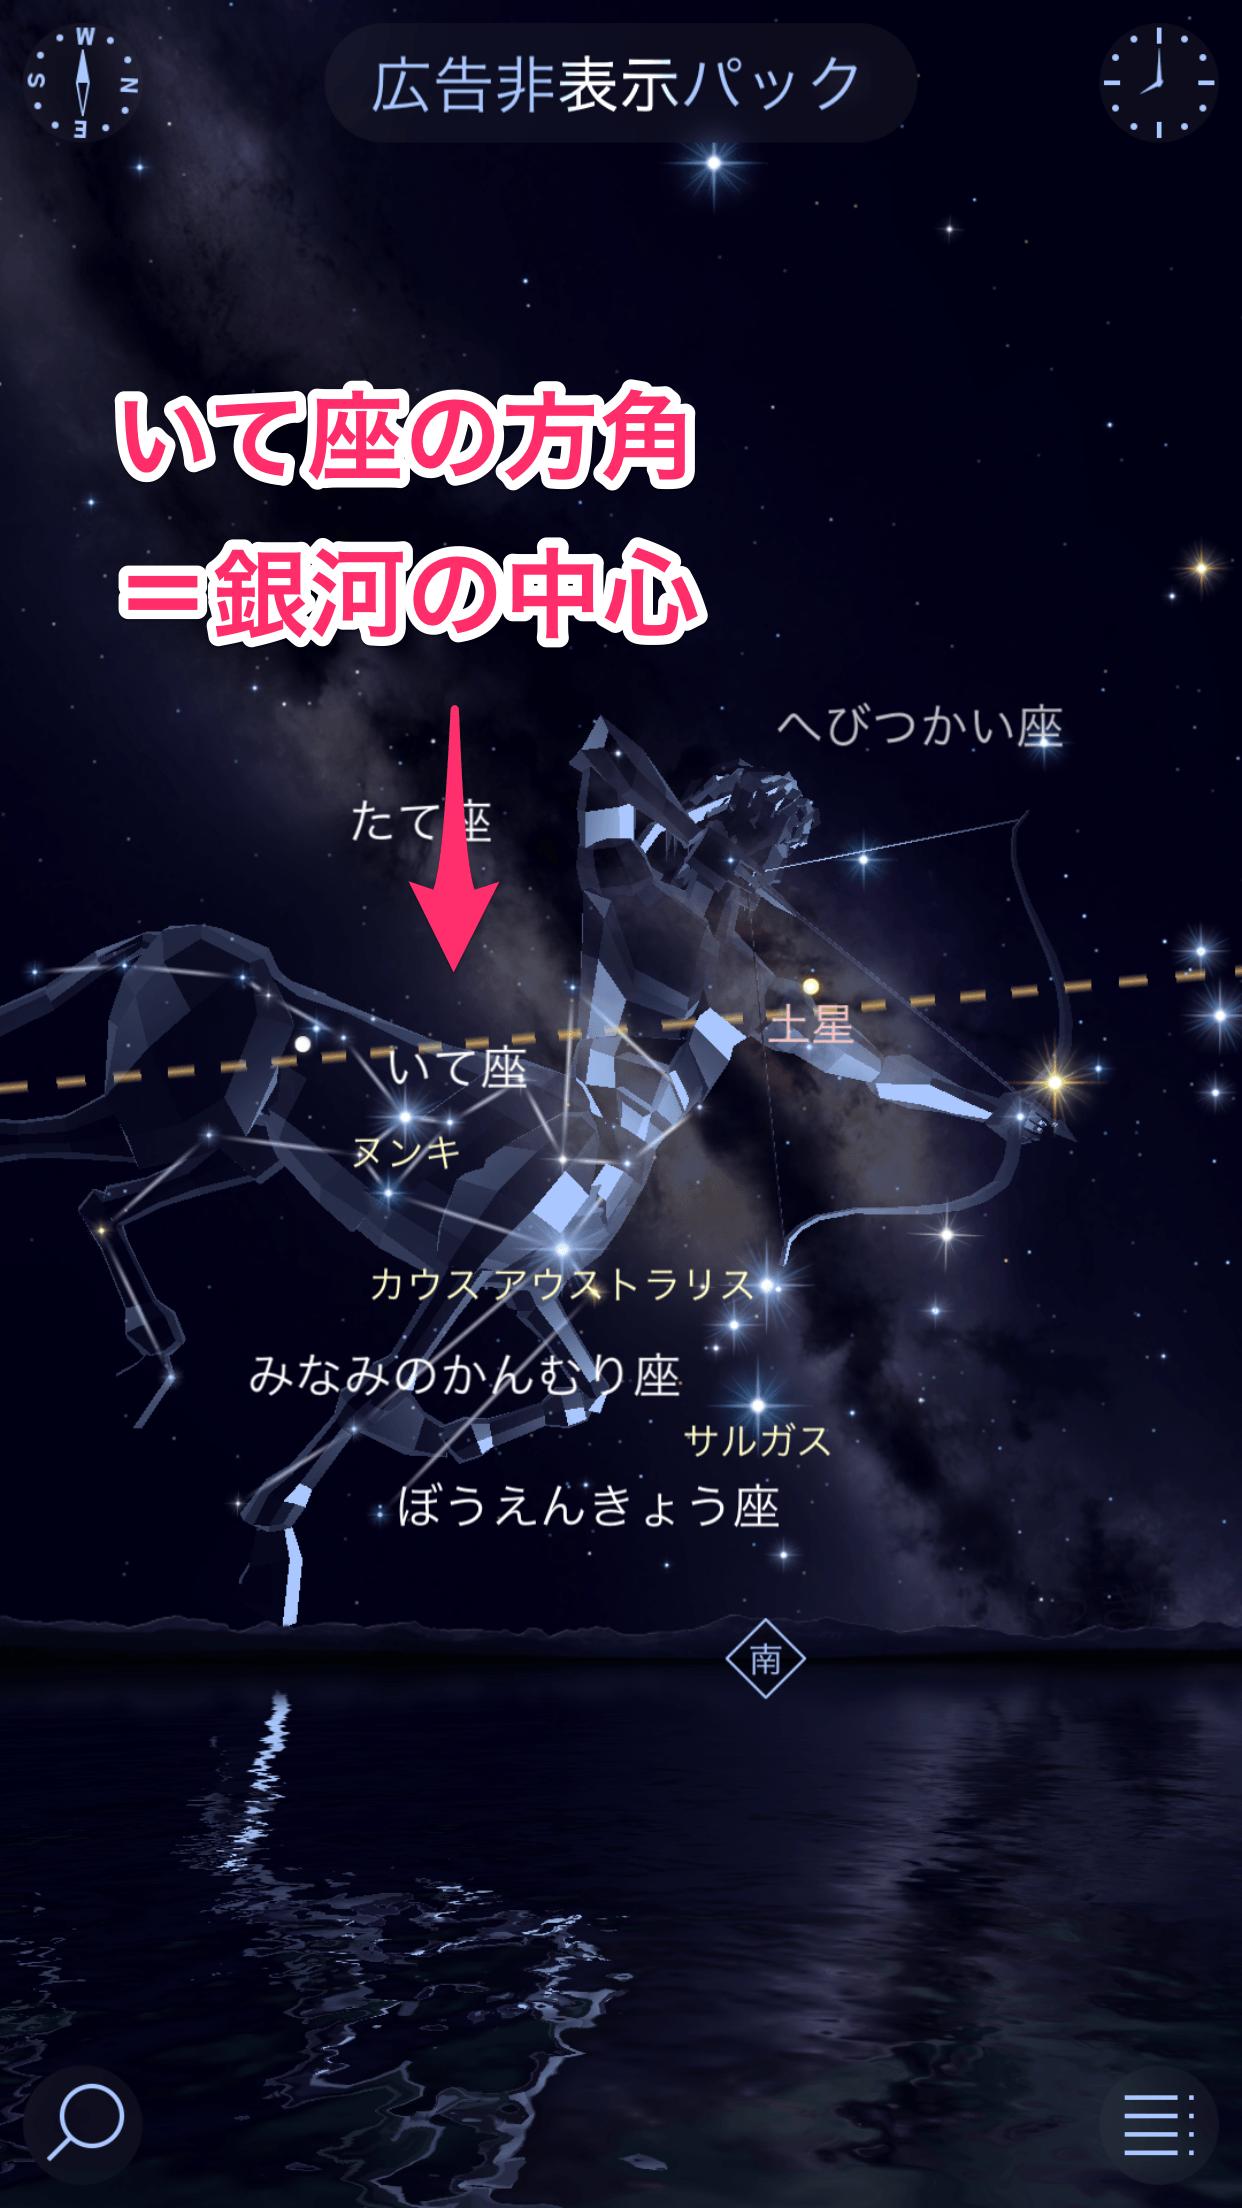 夏の旅行で「天の川」を見る! 天体観測アプリと月齢カレンダーで備えよう: